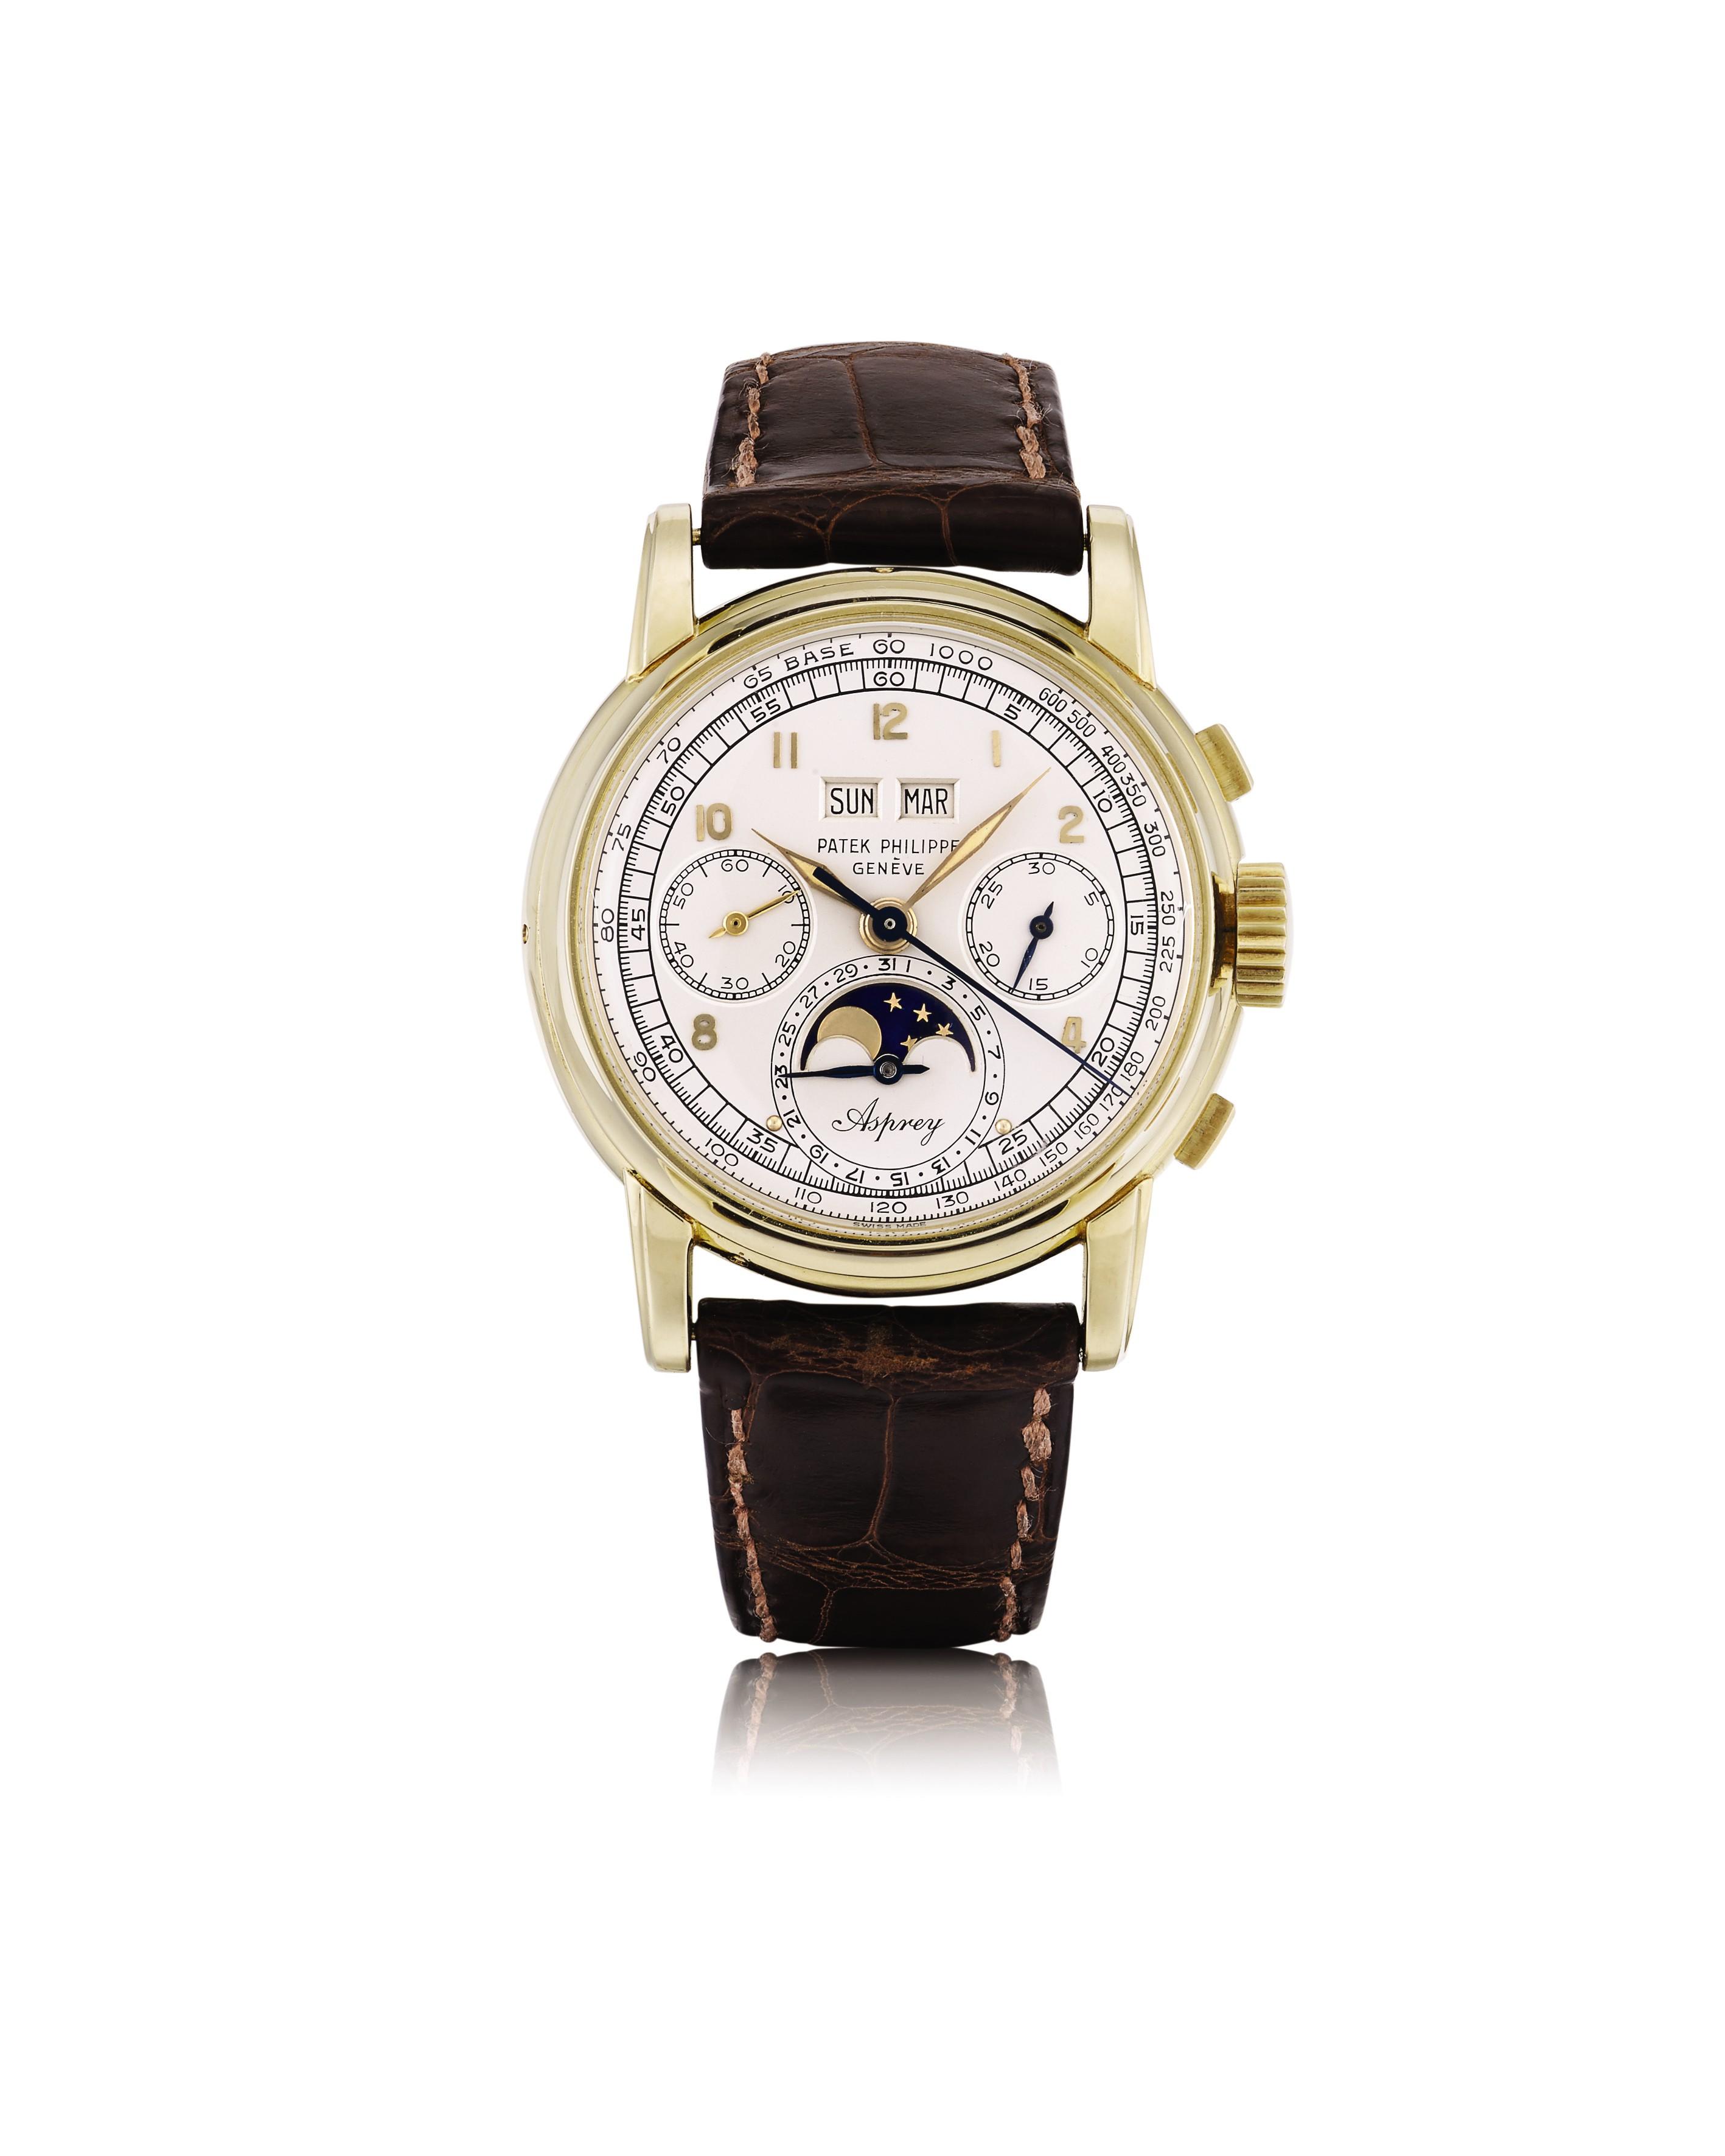 """2619023b6453c واحدة من أهم ساعات المعصم الكلاسيكية في العالم ستكون نجمة مزاد سوذبيز  للمجوهرات الراقية في جنيف في 13 نوفمبر 2018. تعرف هذه الساعة ببساطة باسم  """"The Asprey""""، ..."""